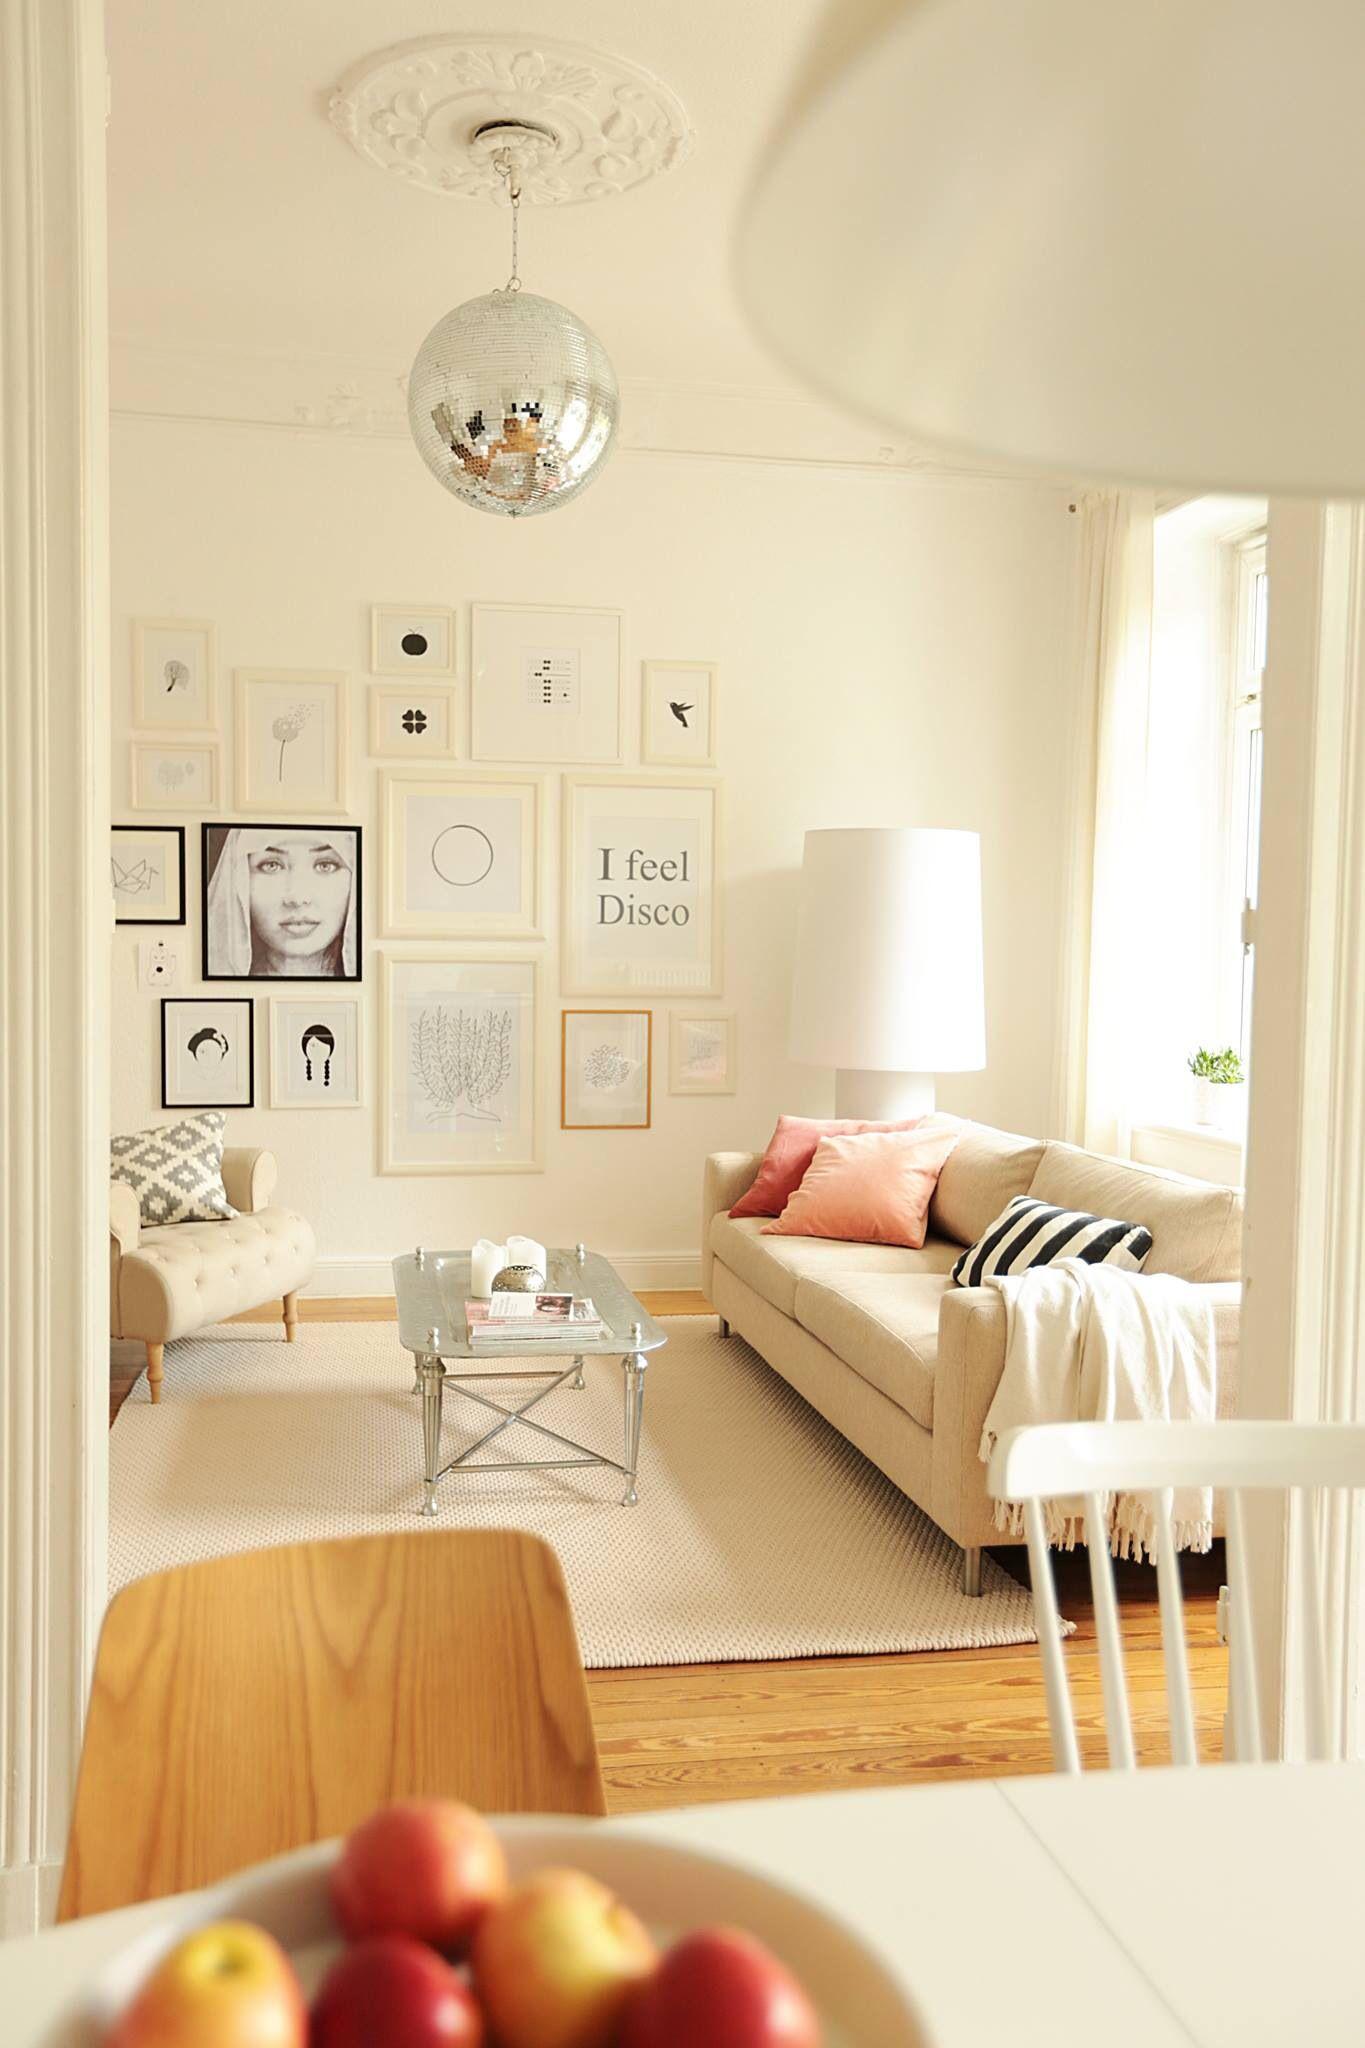 Wohnzimmer Weis Creme design wohnzimmer in braun und creme inspirierende bilder von wohnzimmer Wohnzimmer Hell Wei Creme Streifen Couch Lampe Leuchte